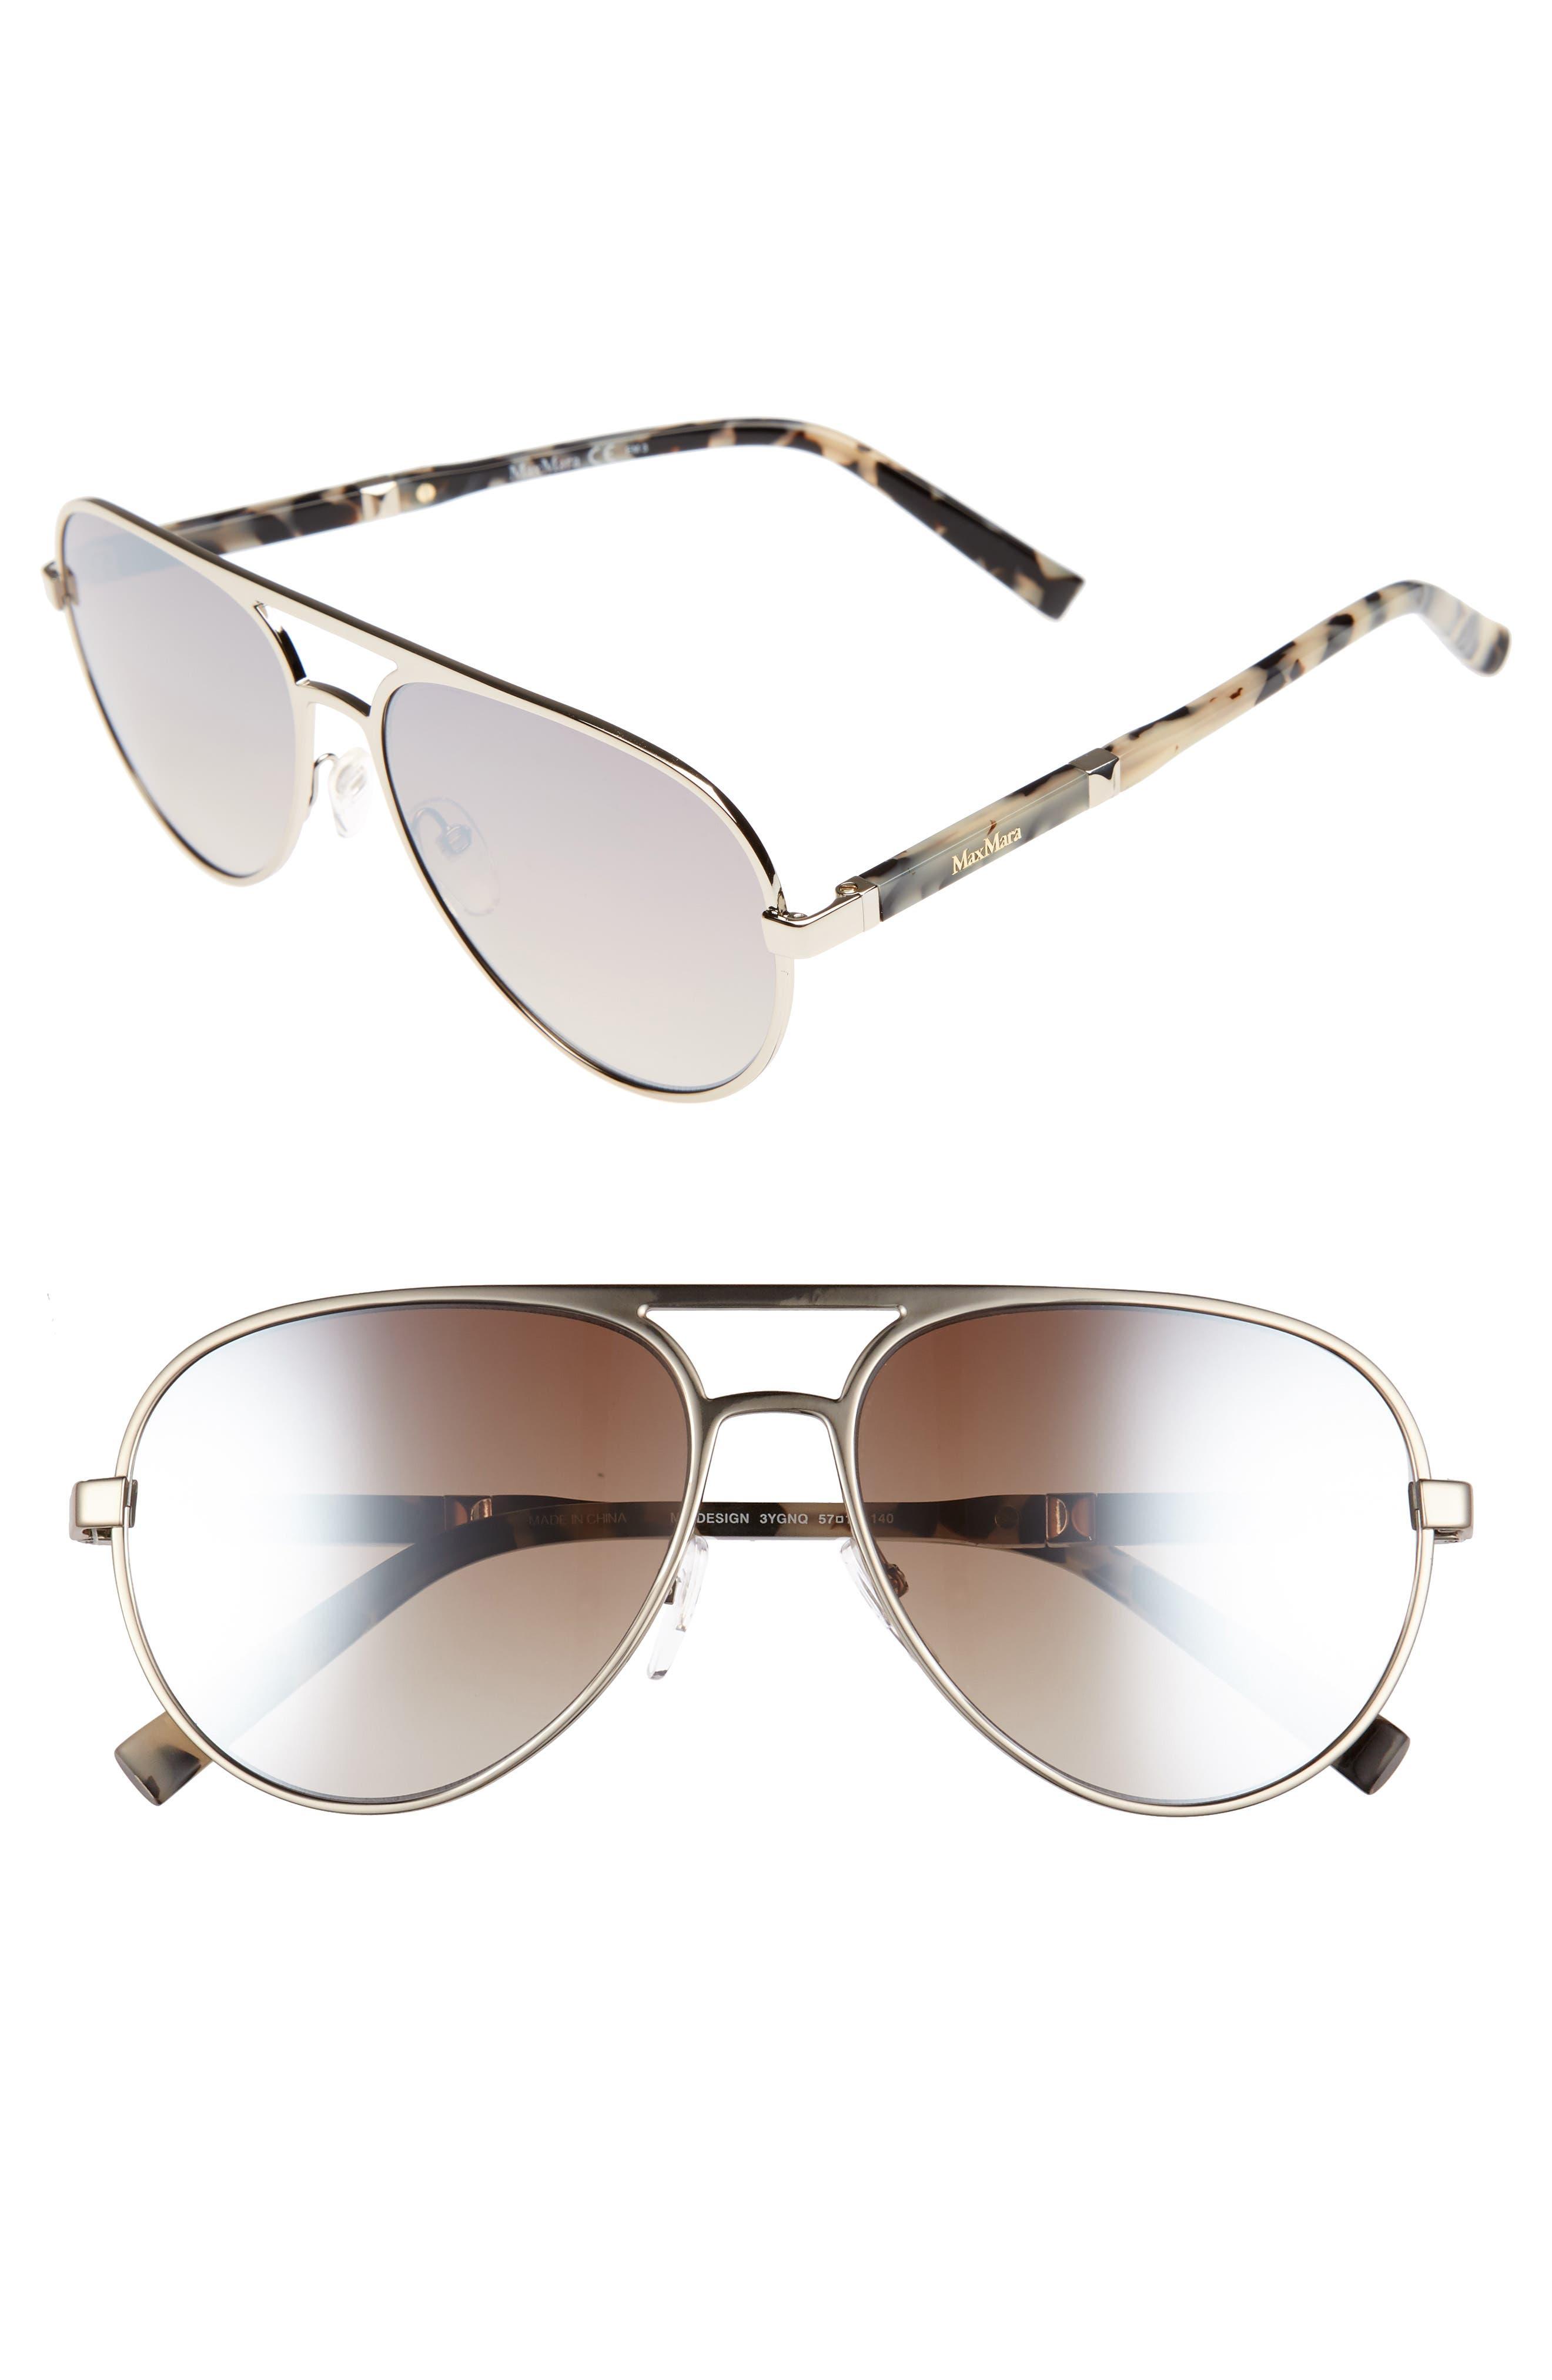 MAX MARA Desigs 57mm Gradient Aviator Sunglasses